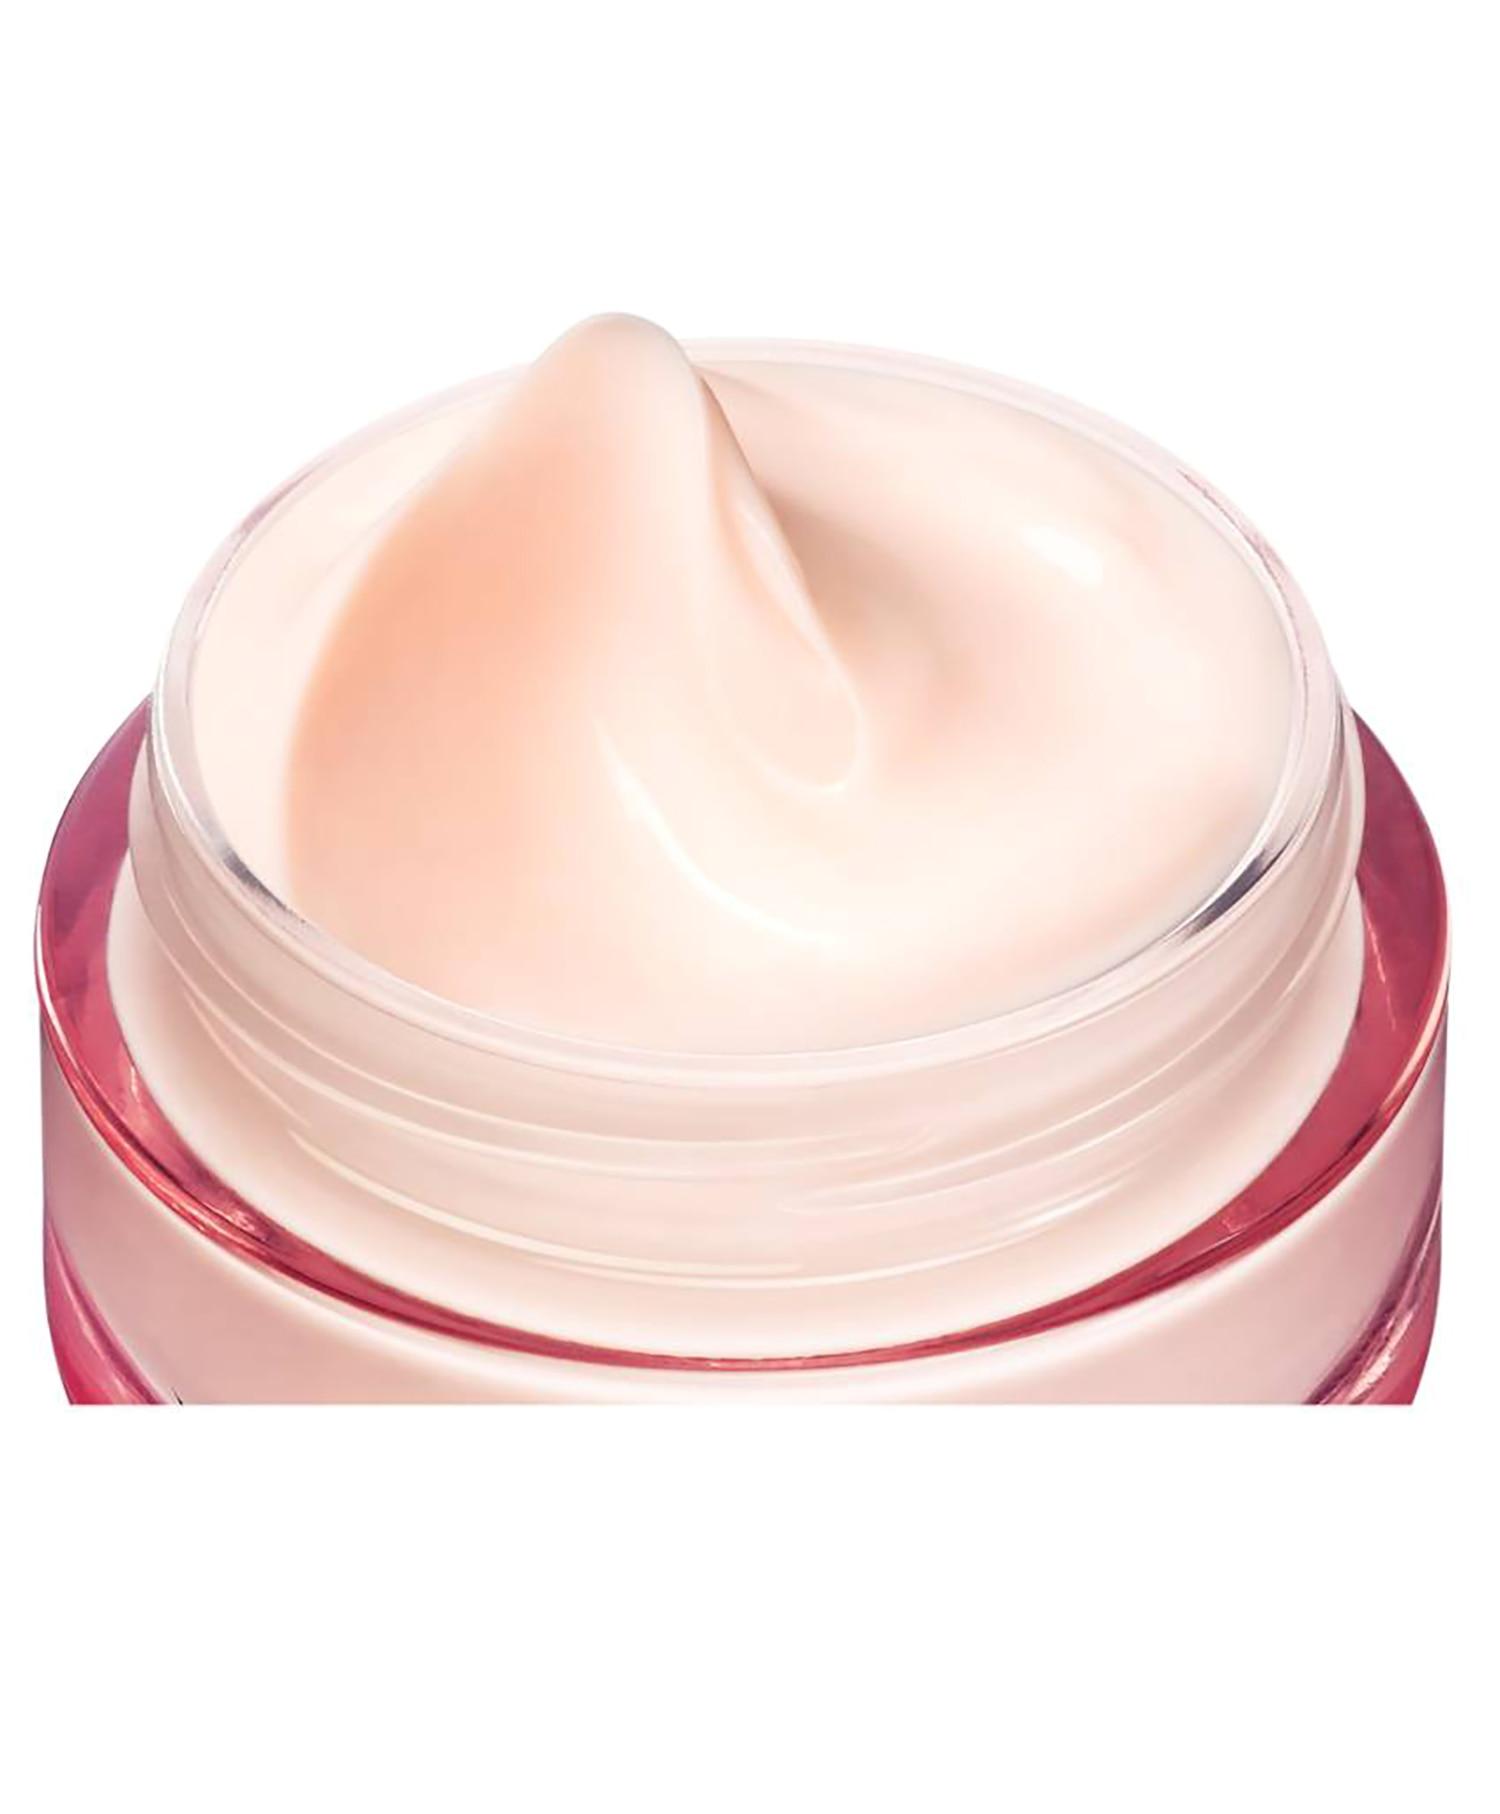 Biotherm Aquasource Cream